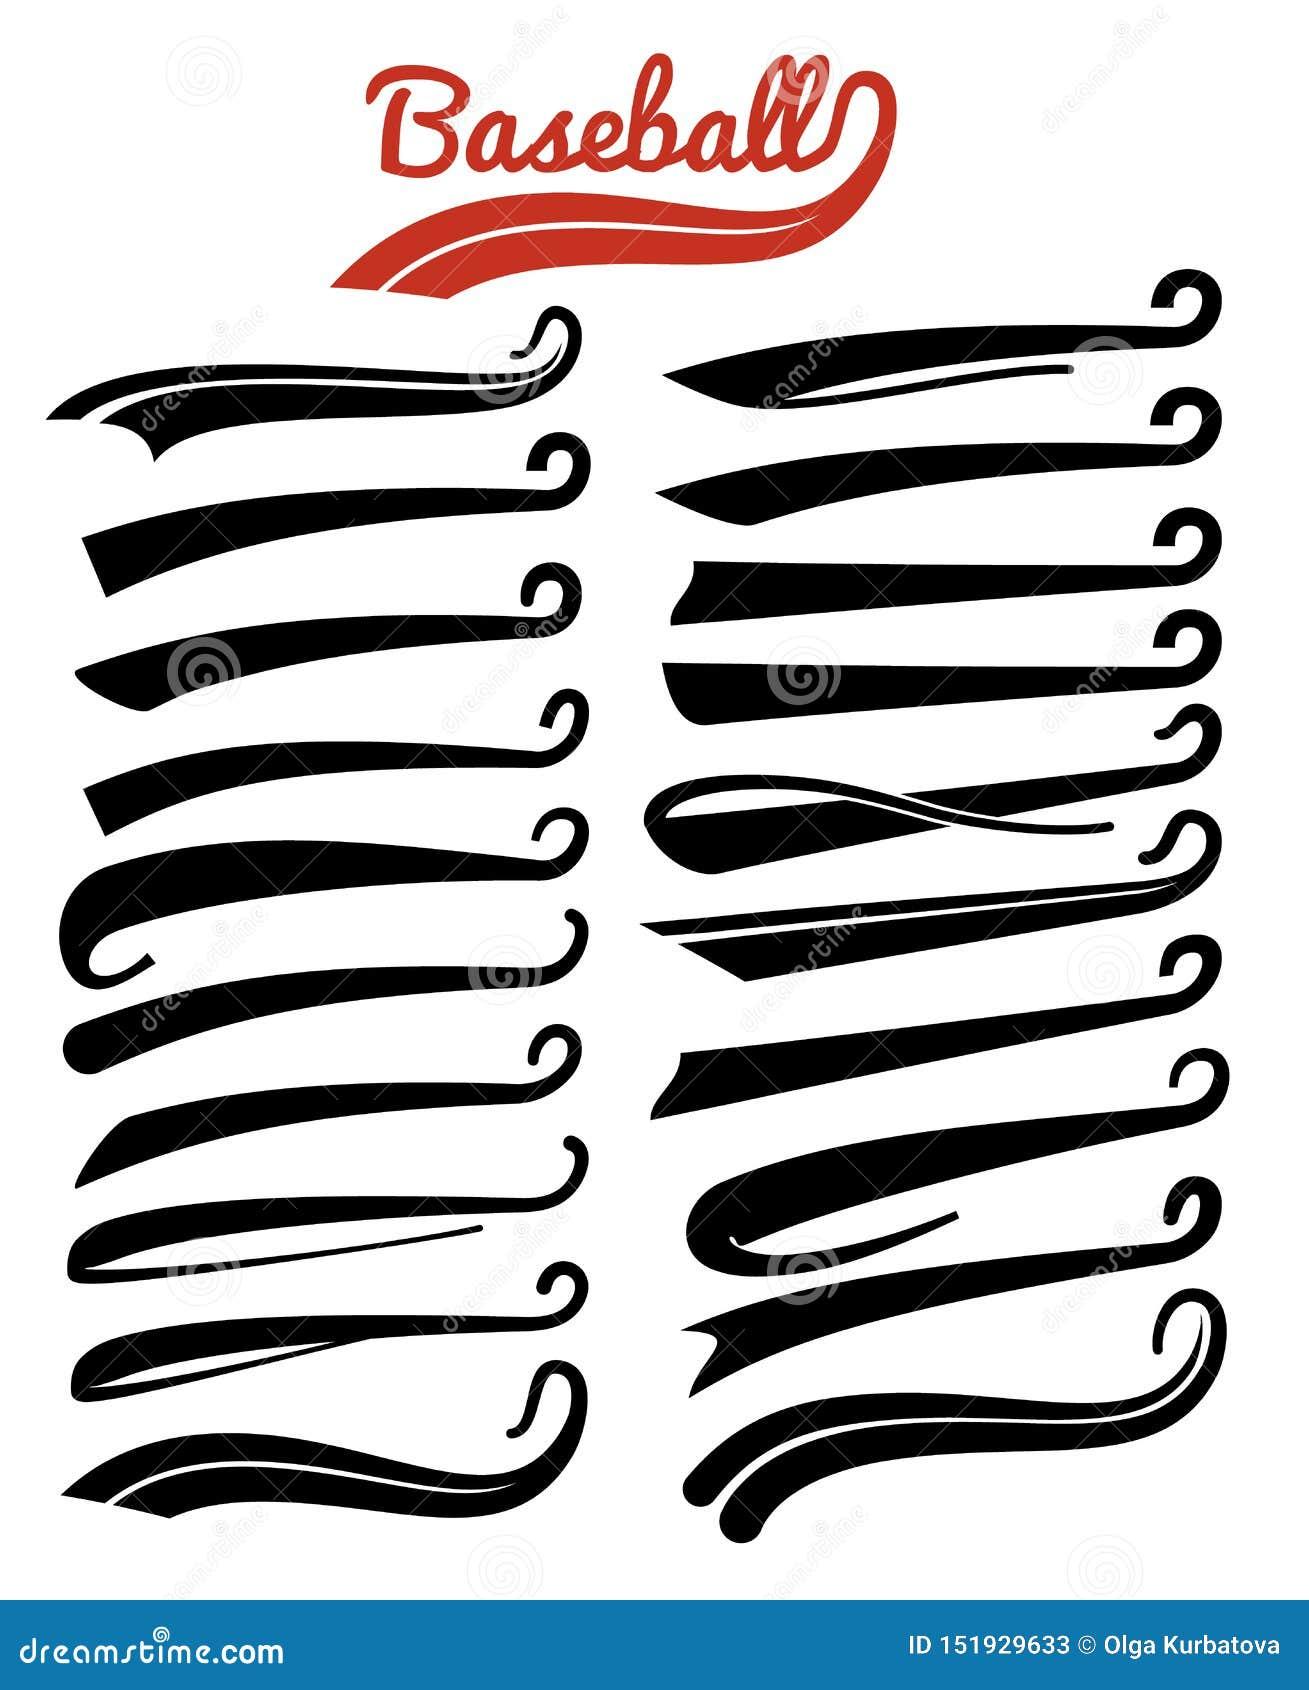 Textswooshes Typografi vinar svansar för tecken för fotboll- eller baseballsportlag Den smsande retro svansen understryker design